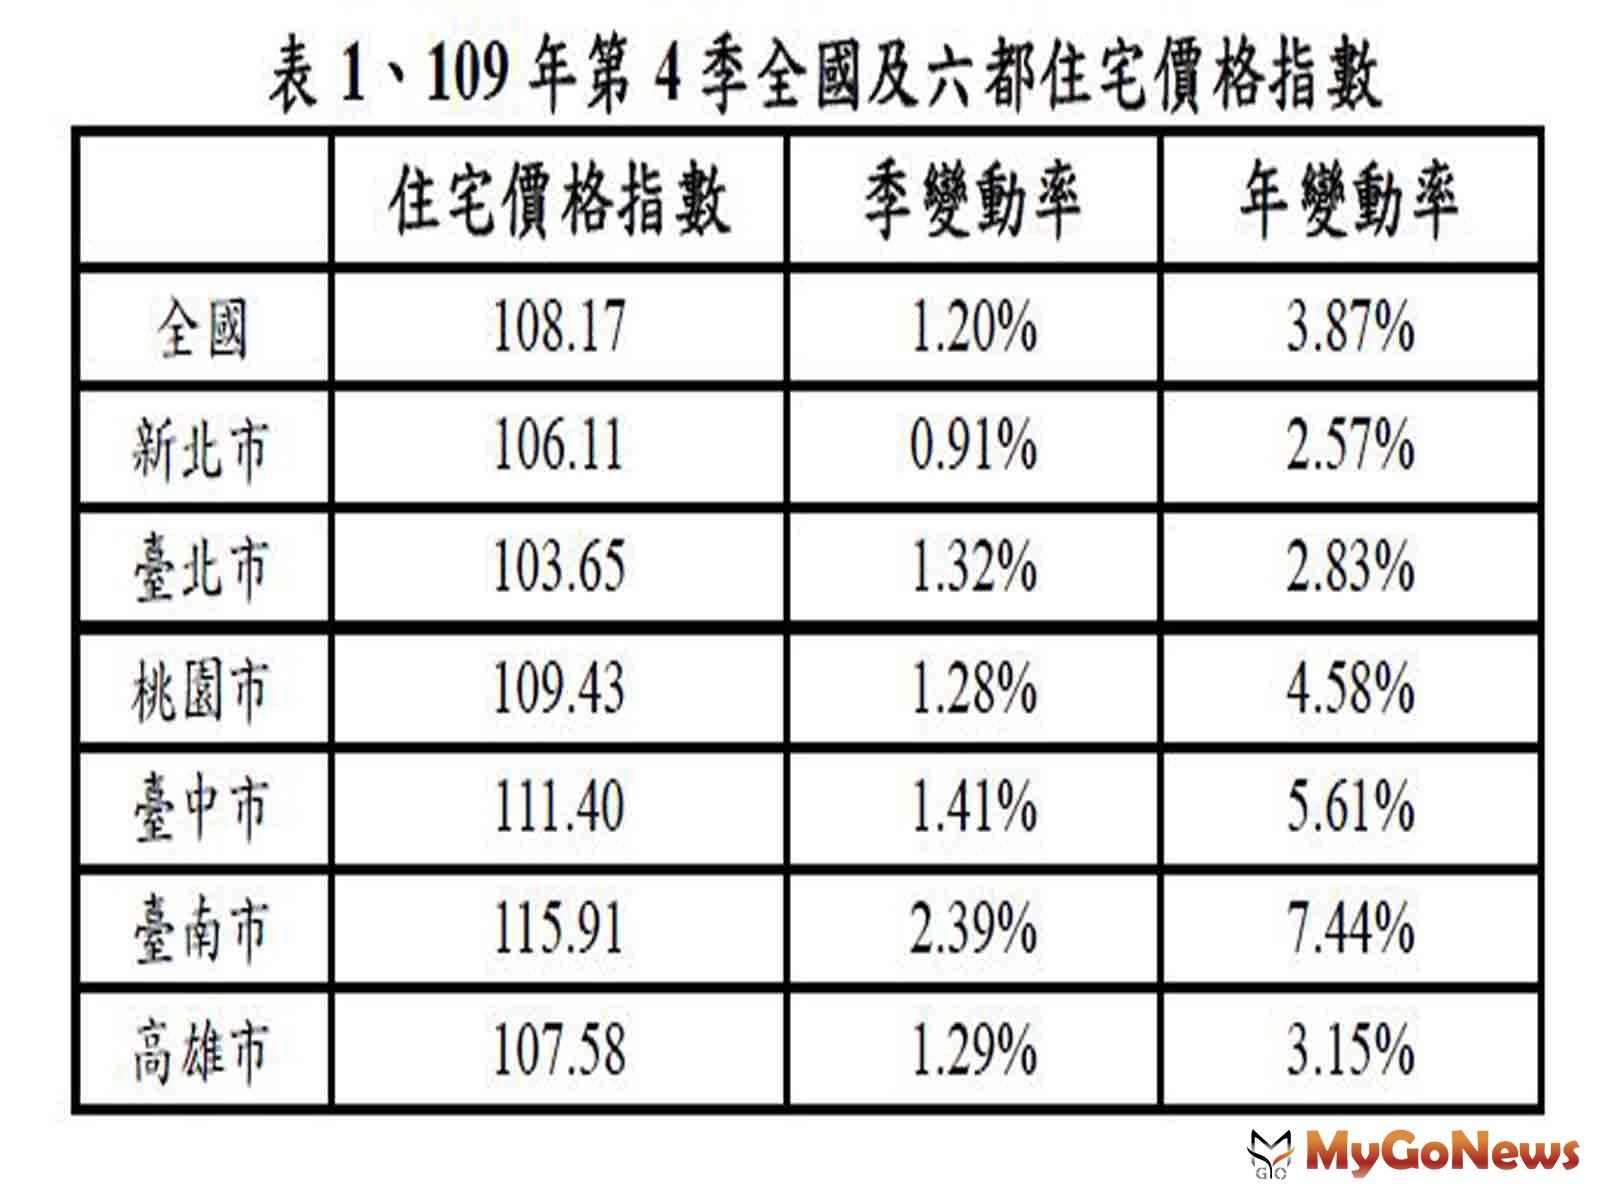 6都住宅價格亦呈現持續上升,其中台南市、台中市較上季上升2.39%、1.41%、較2020年同季上升7.44%、5.61%,上升幅度最為明顯。此外,台北市住宅價格指數從106年起下降修正,但在2020年第3季轉為上升,本季上升幅 MyGoNews房地產新聞 市場快訊